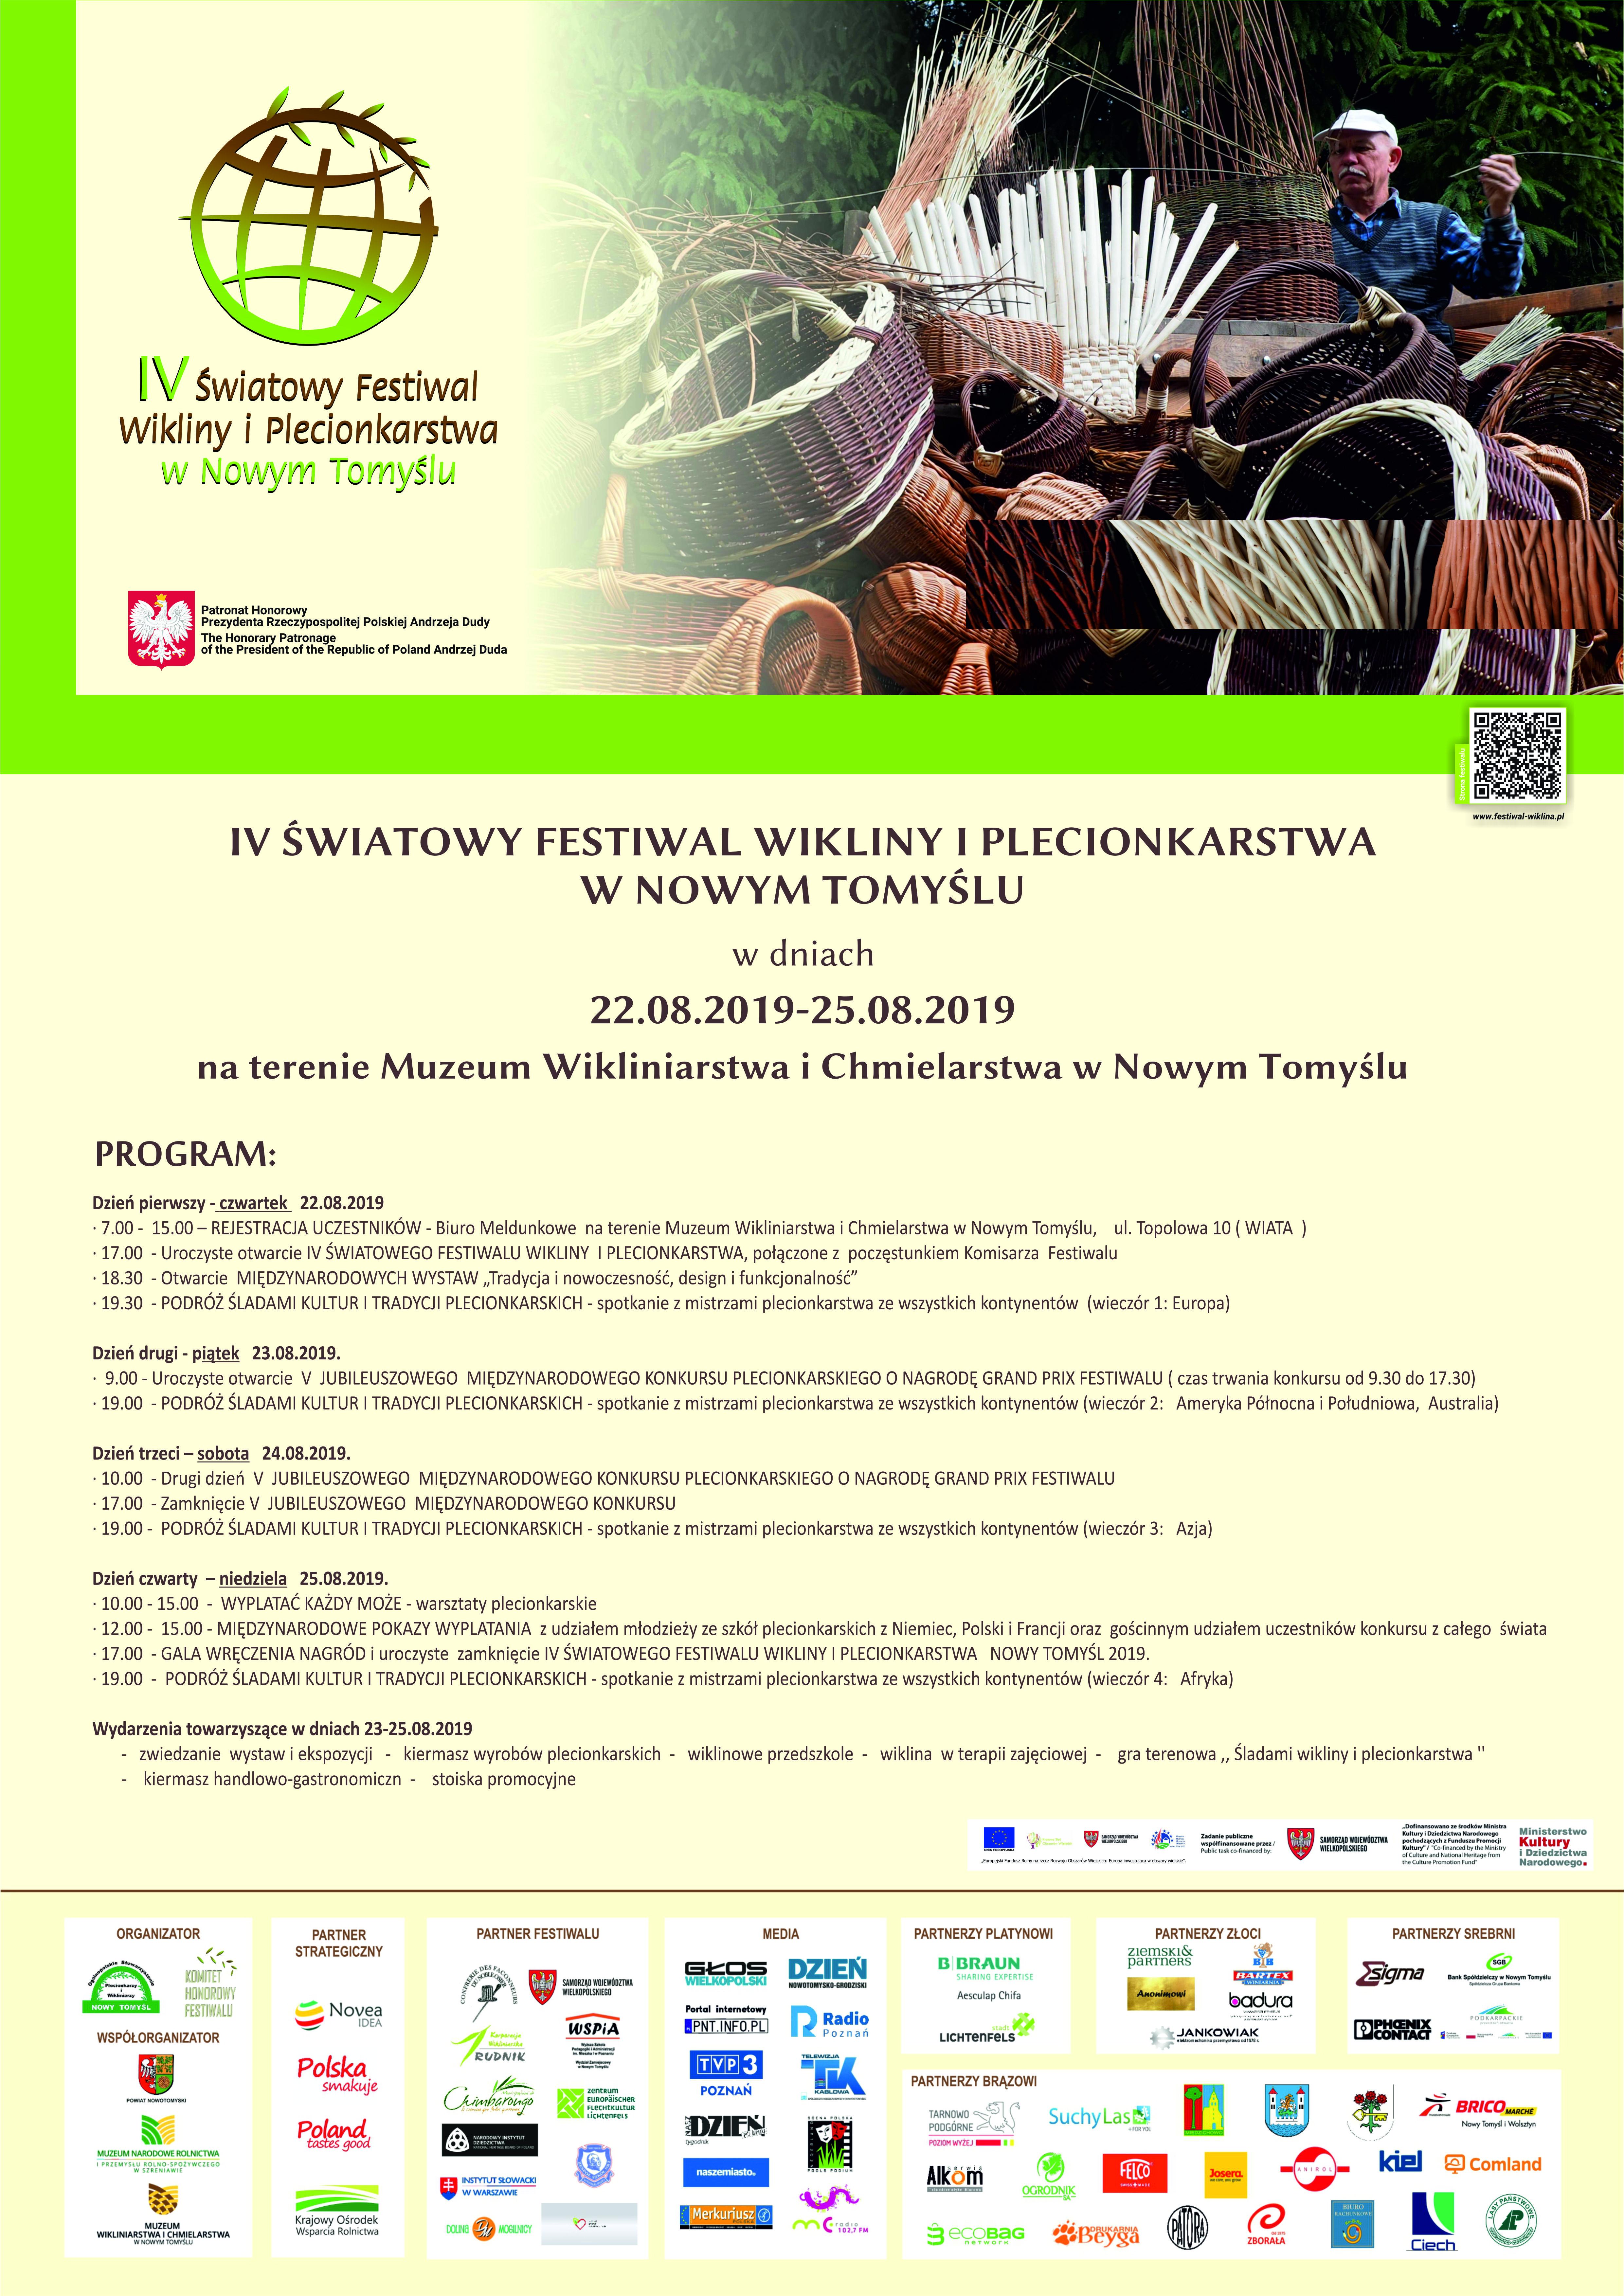 Ilustracja do informacji: IV Światowy Festiwal Wikliny i Plecionkarstwa w Nowym Tomyślu